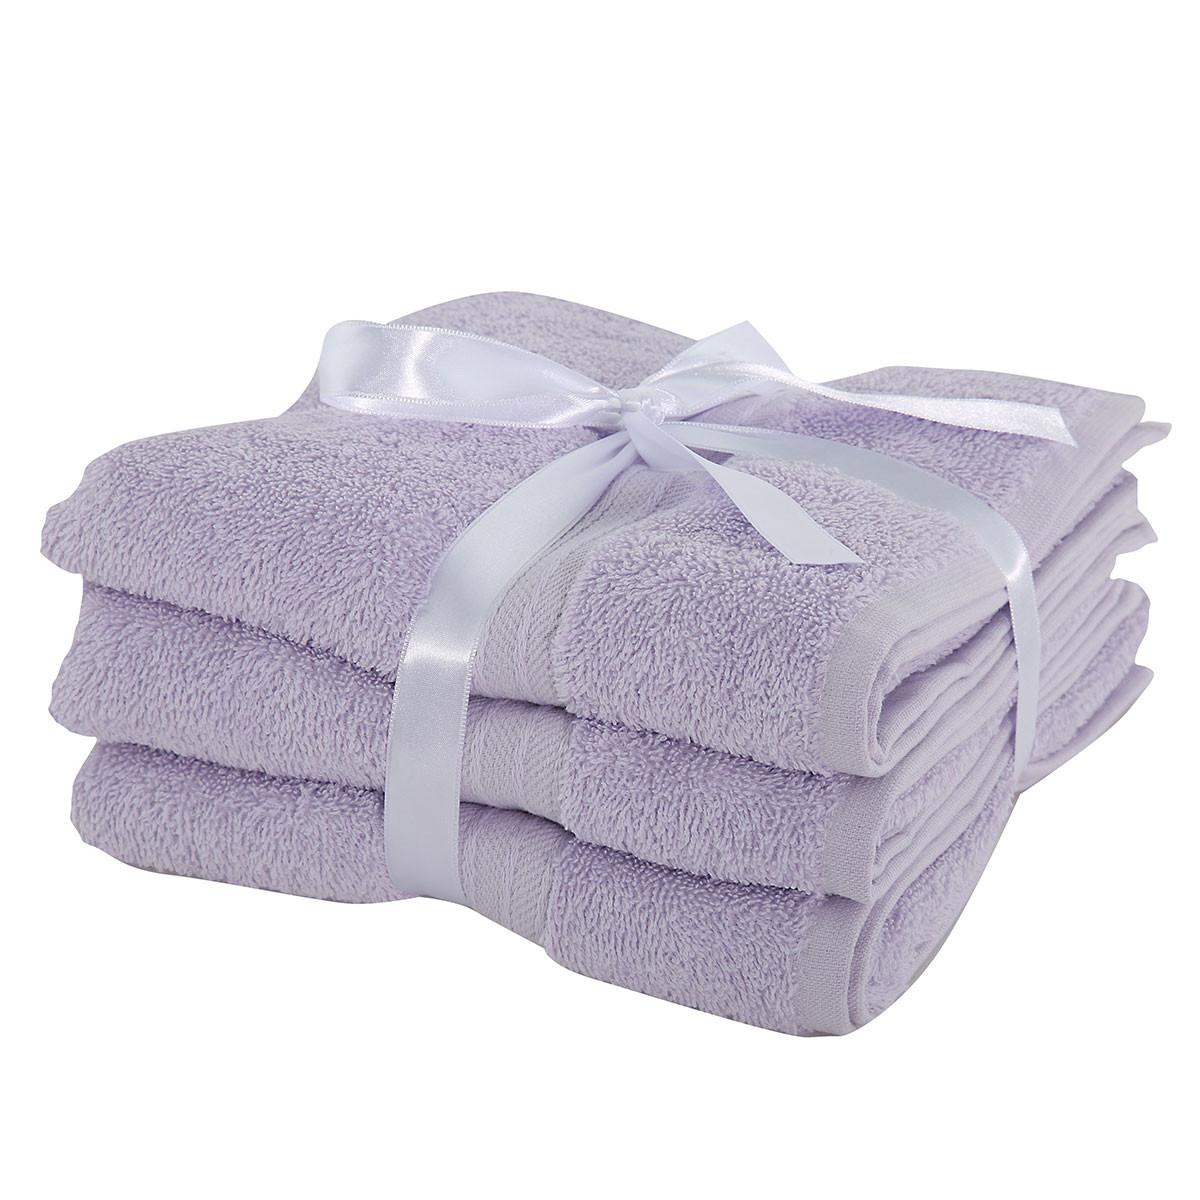 Πετσέτες Προσώπου (Σετ 3τμχ) Nef-Nef Cosy Lavender